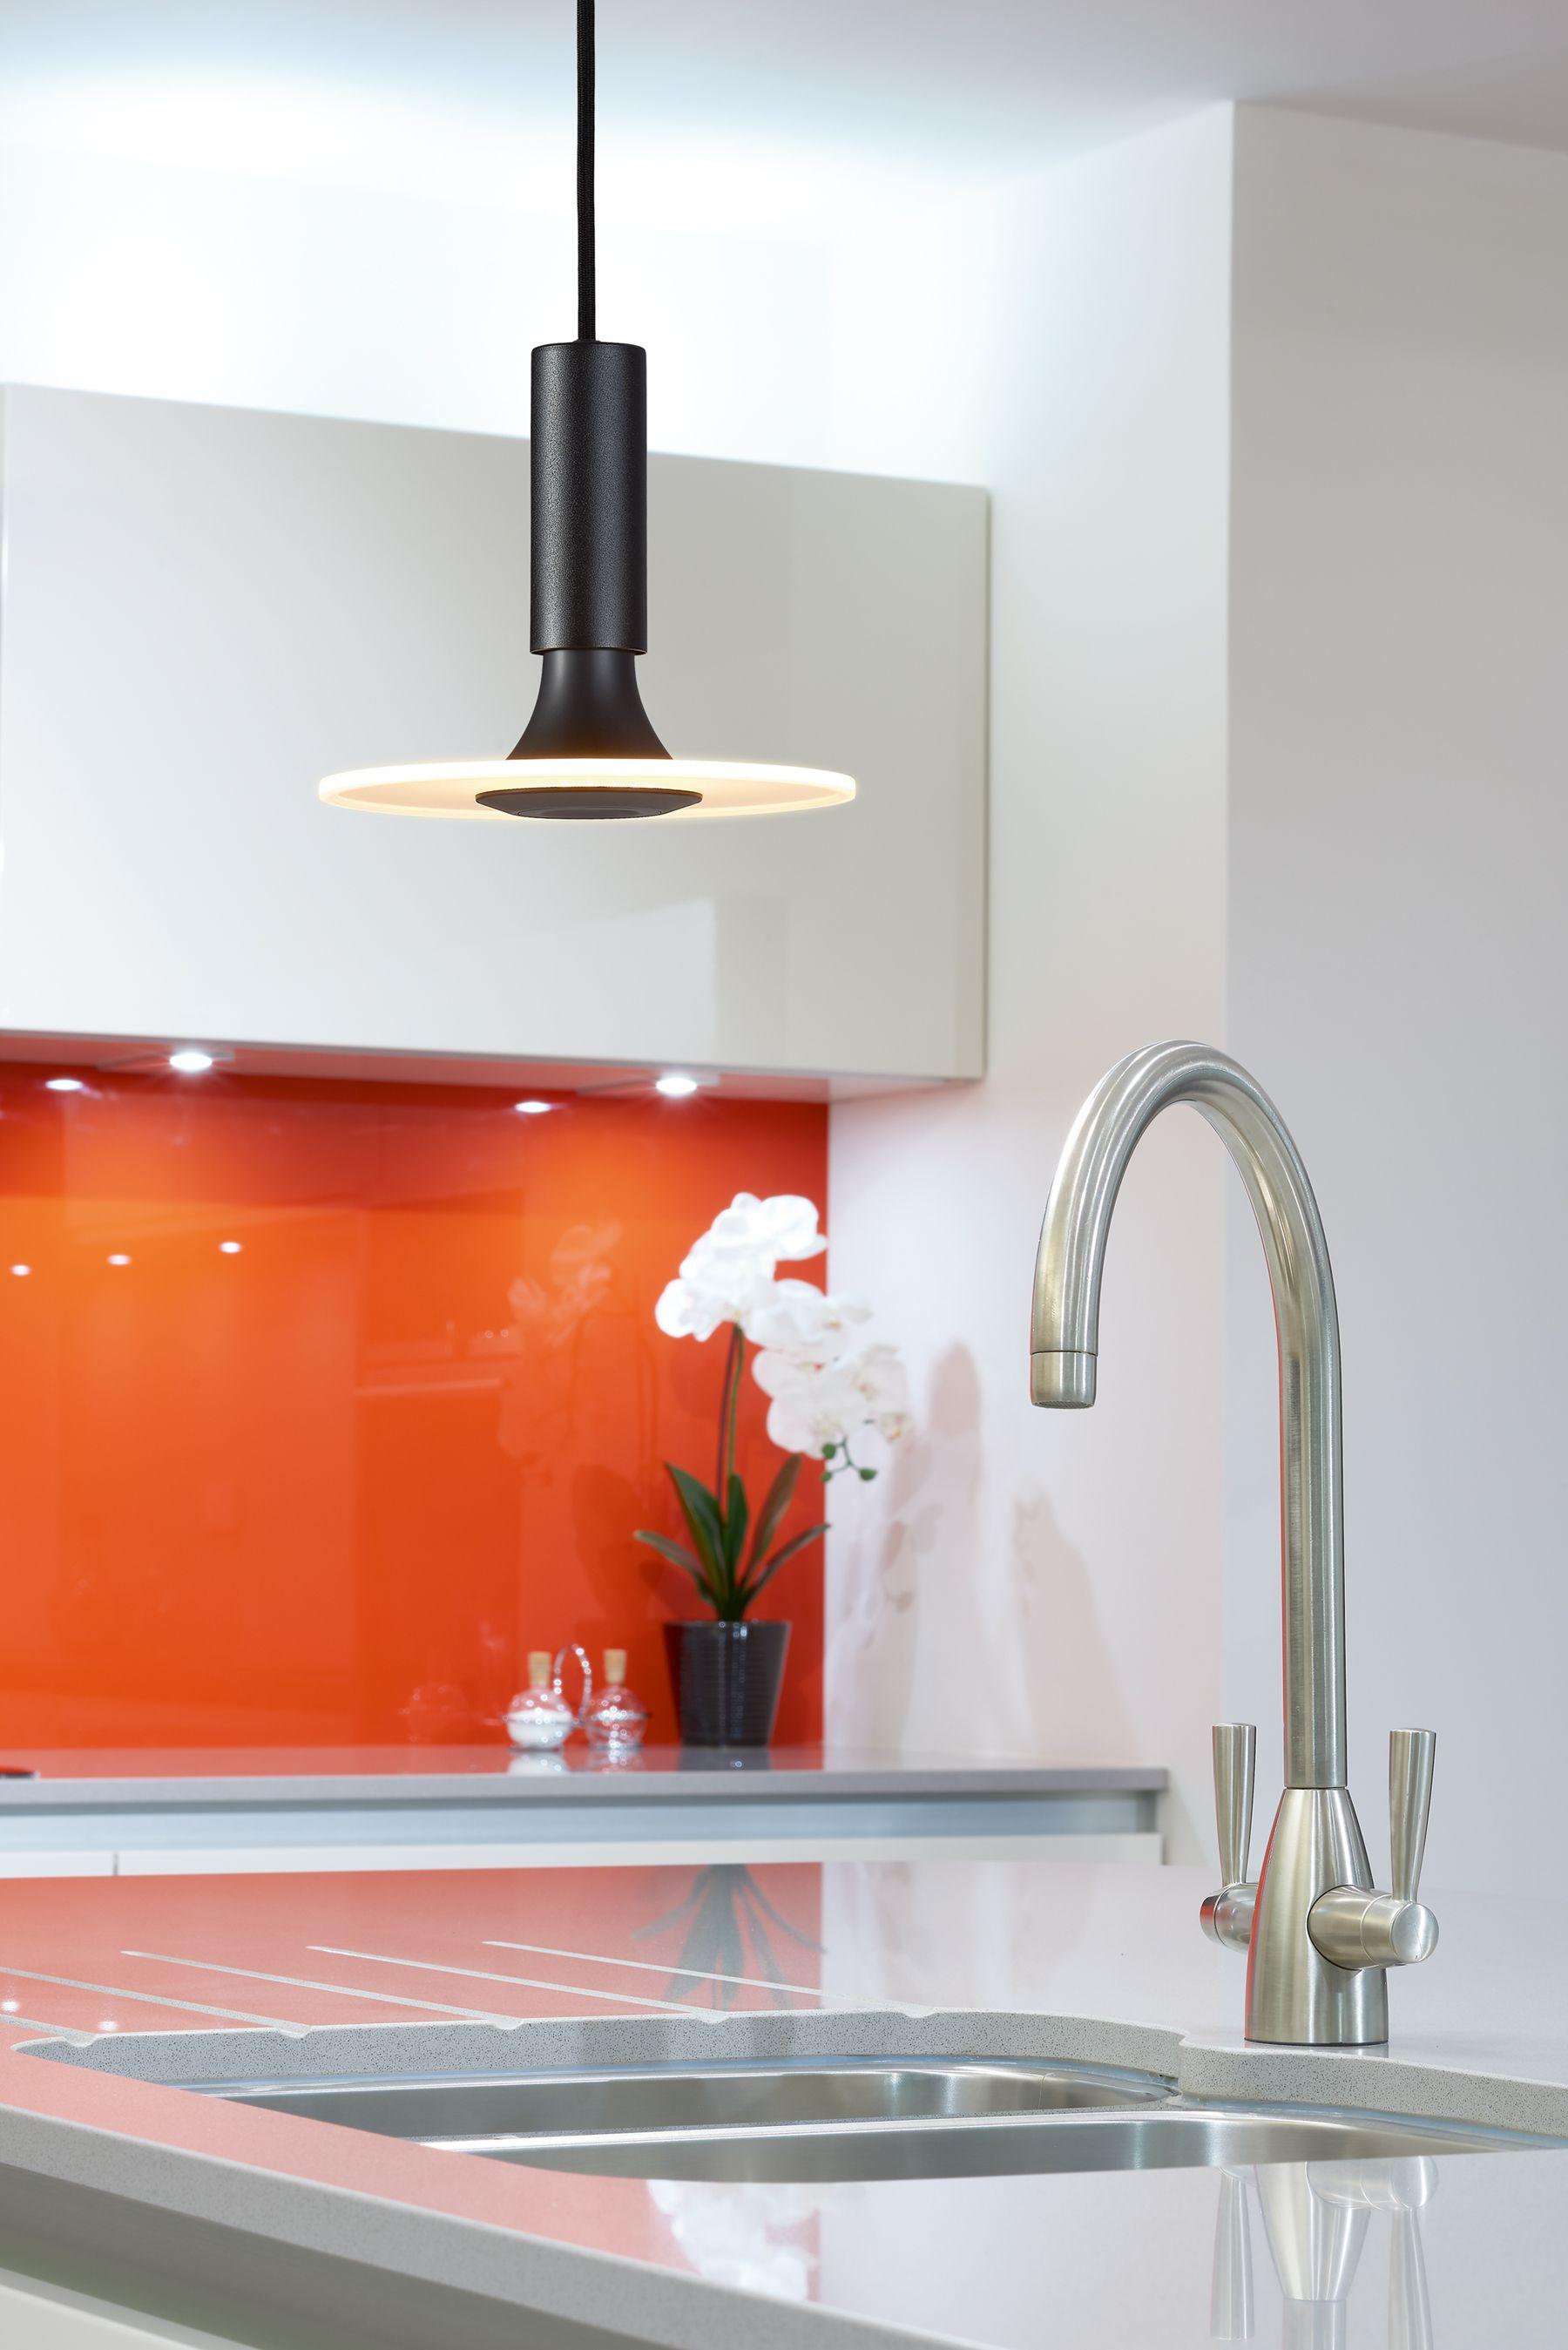 lampe cuisine elegant suspension luminaire cuisine lampe suspension incroyable suspension. Black Bedroom Furniture Sets. Home Design Ideas